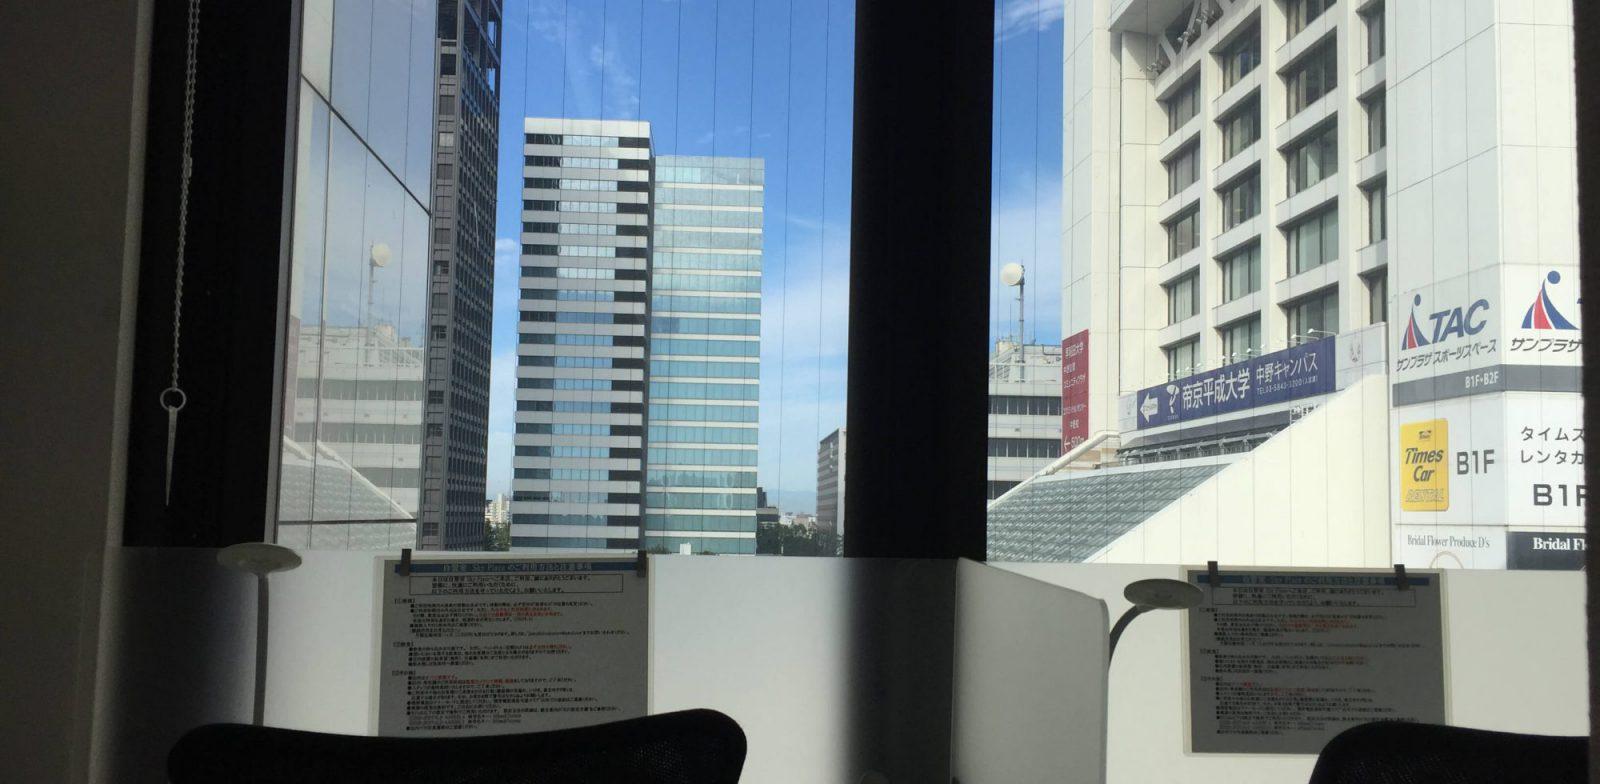 自習室 Sky Place